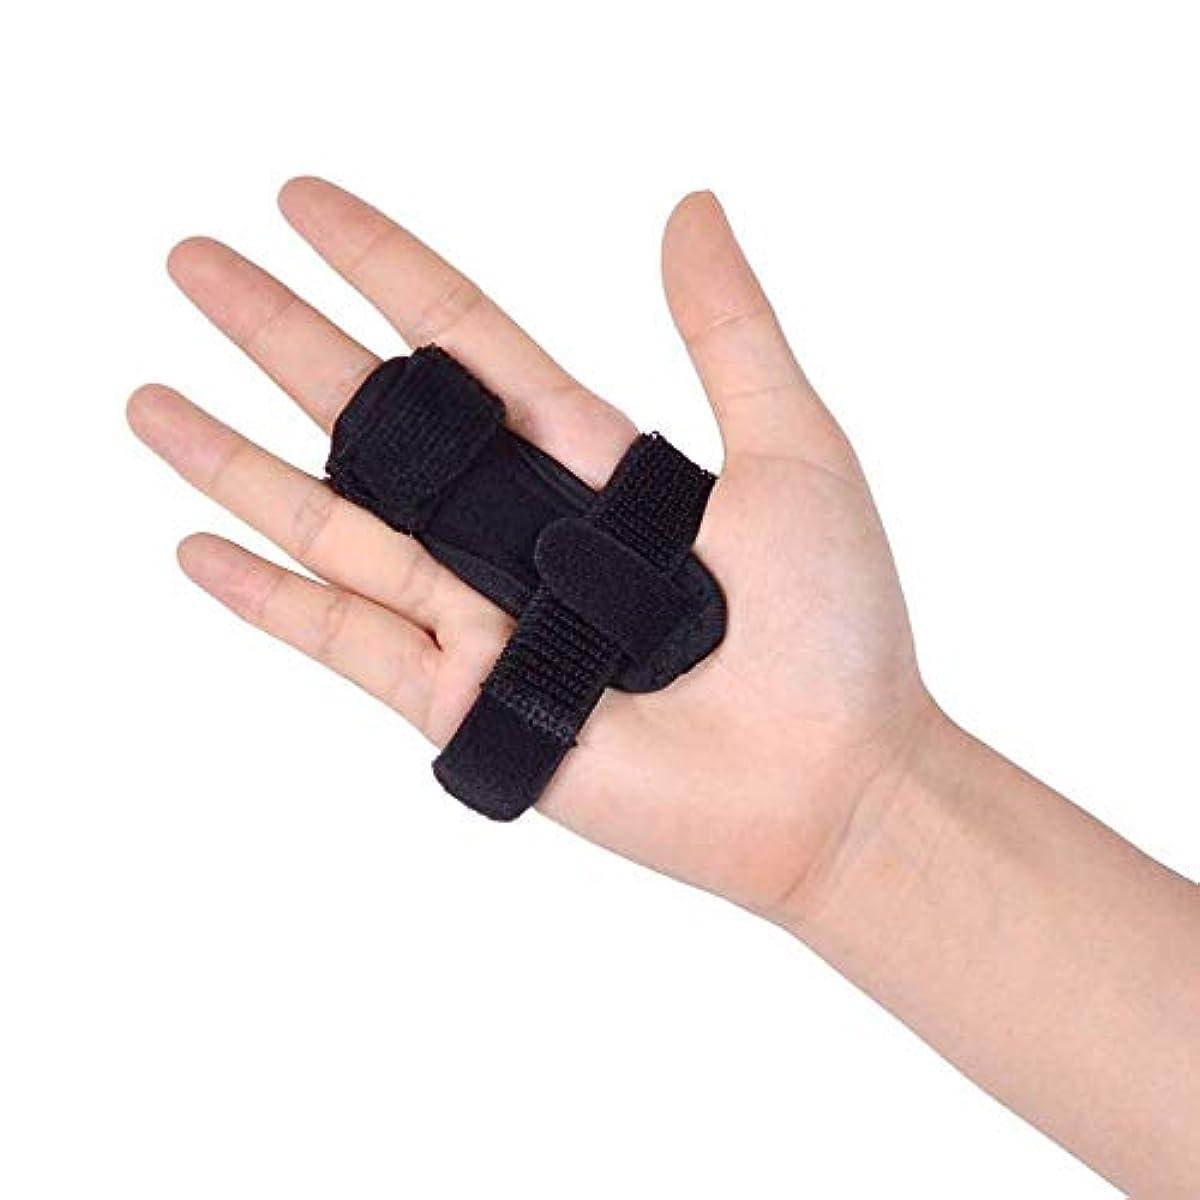 課す灰バイオレット指の添え木は指をまっすぐにすることができ、装具は痛みの添え木を和らげることができ、トリガージョイントは指を保護するために調整することができます,1PCS